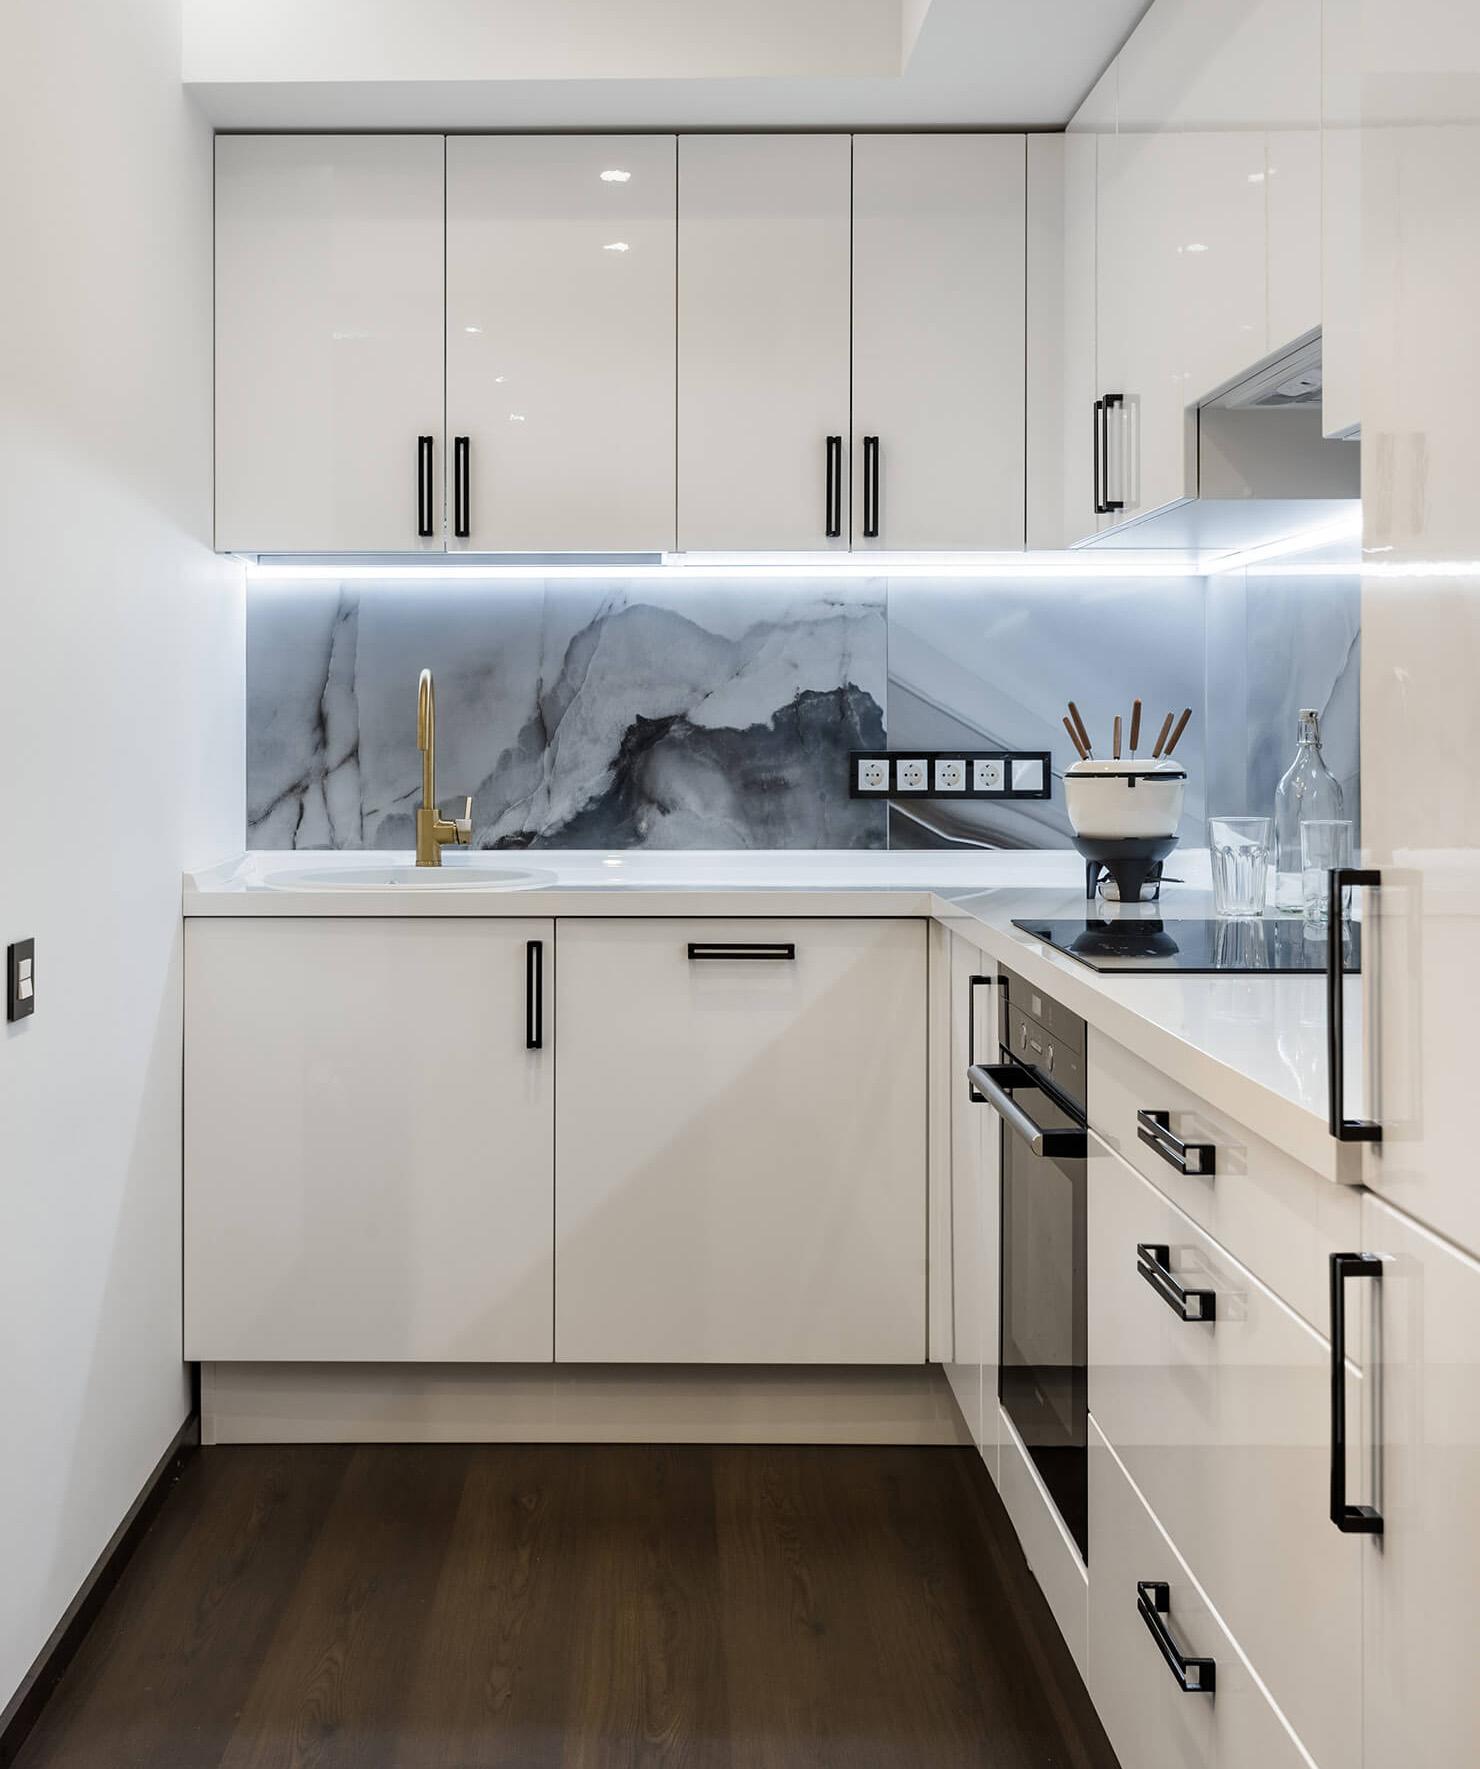 кухонный гарнитур на прямоугольной кухне